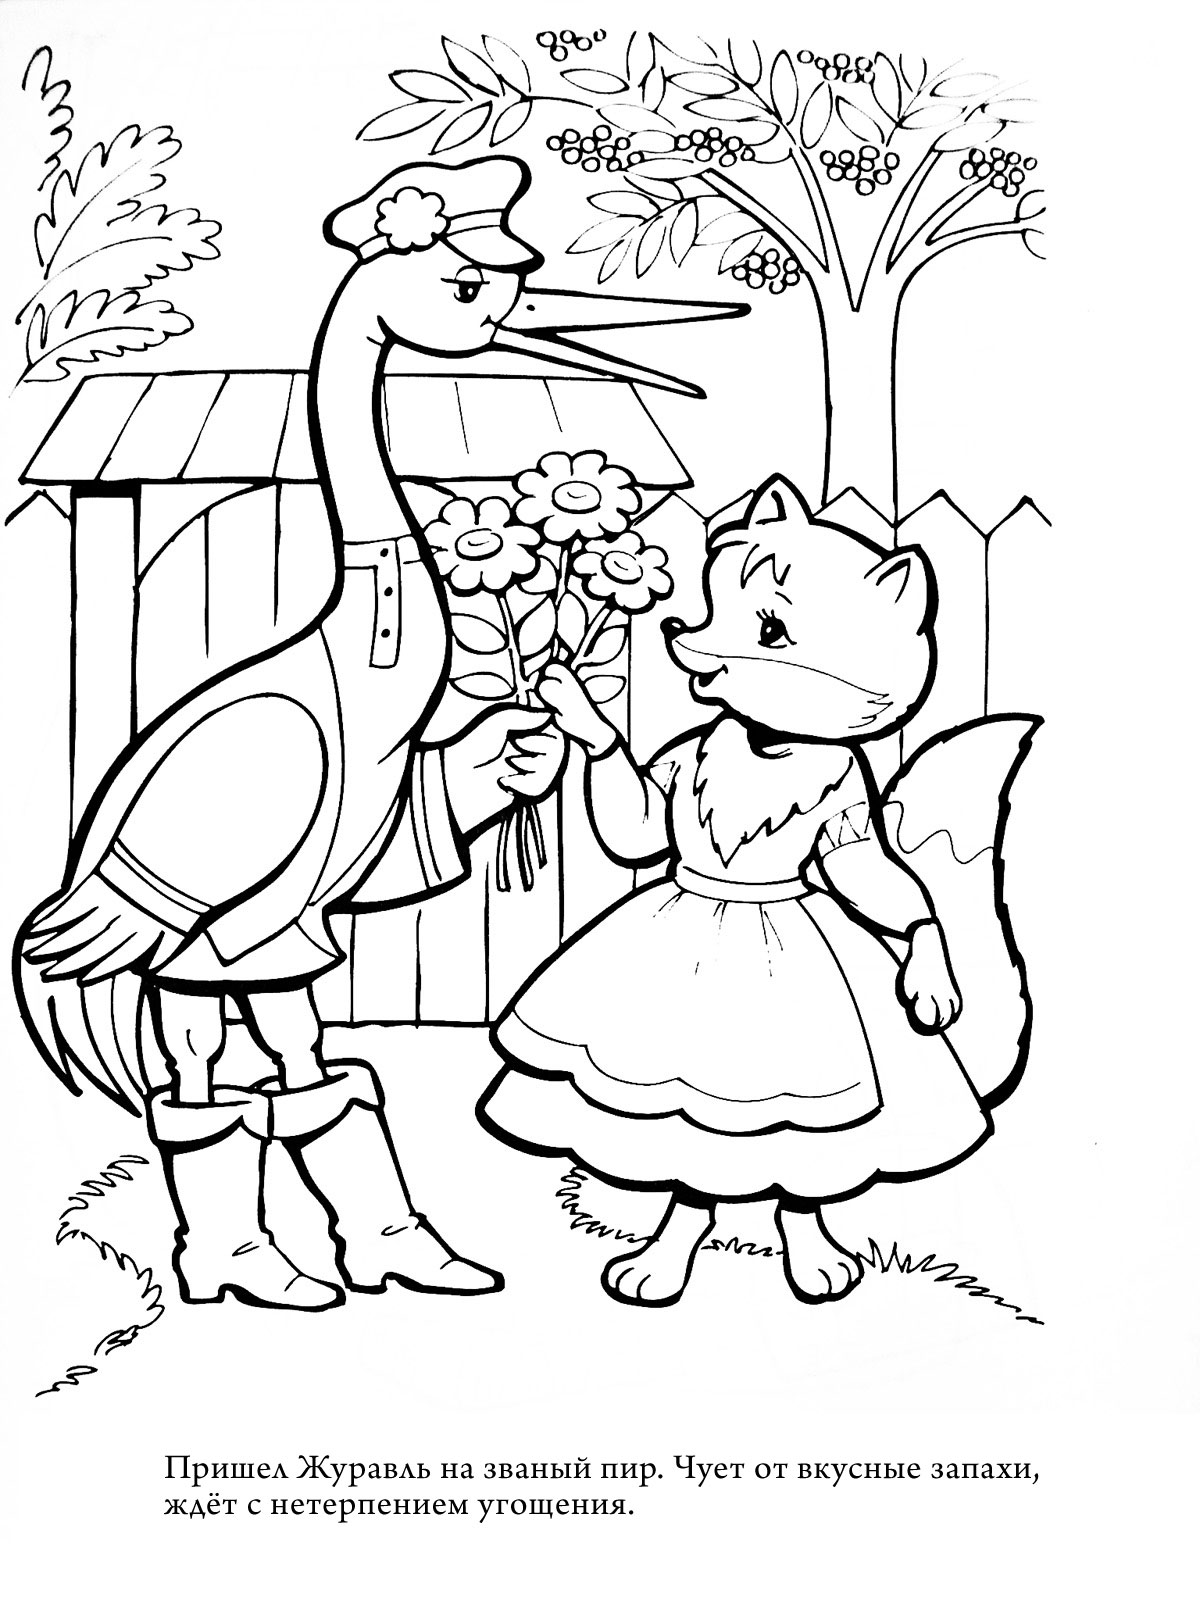 Сказка раскраска Лиса и Журавль